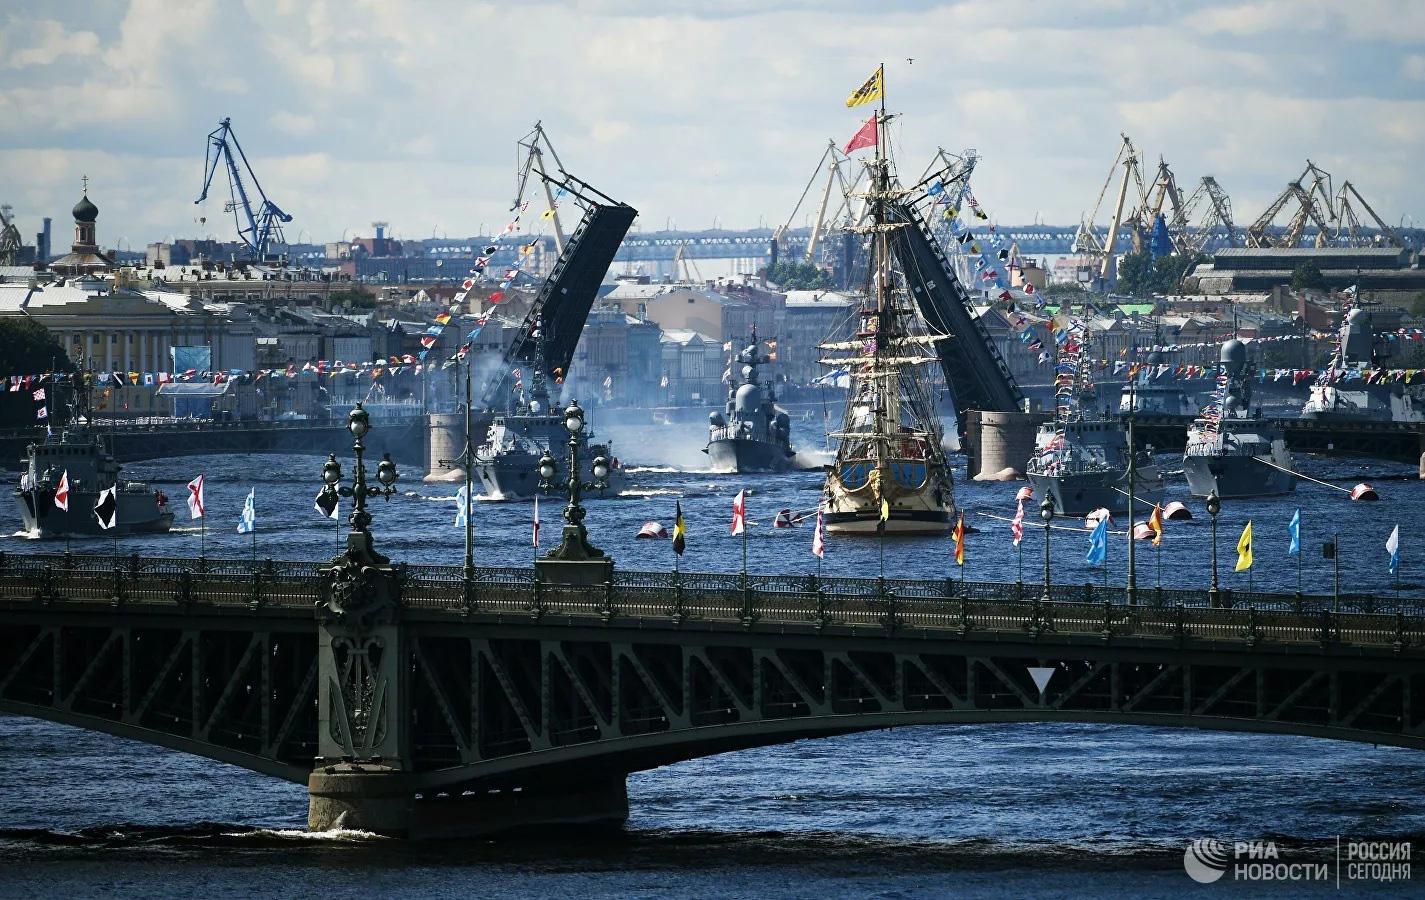 Chiêm ngưỡng 250 tàu chiến khủng của Nga trong lễ duyệt binh mừng ngày hải quân - Ảnh 1.